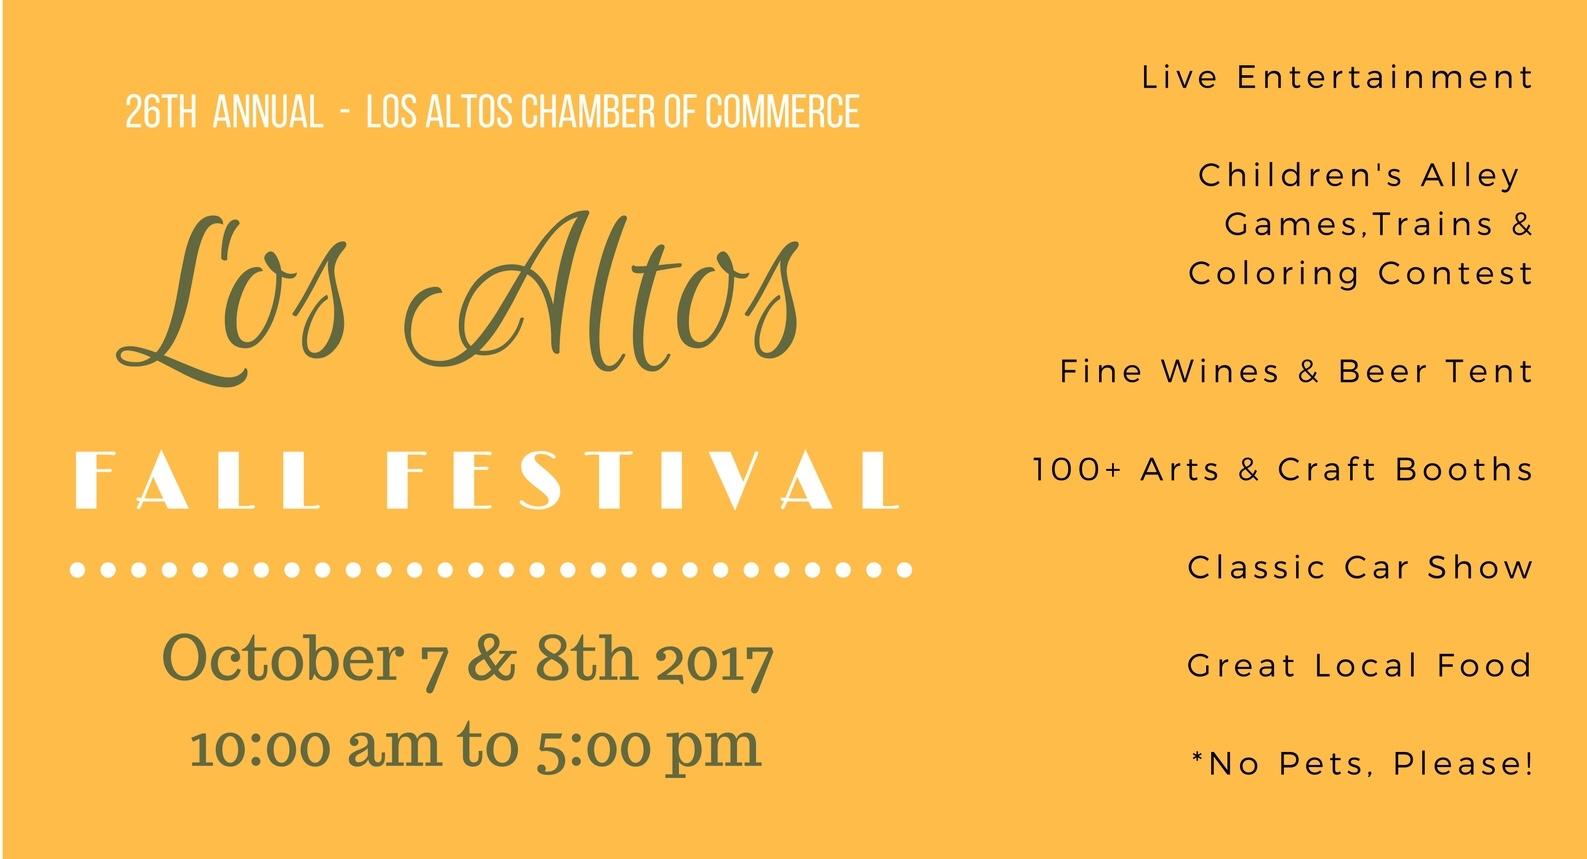 Los Altos Fall Festival & Classic Car Show: Oct 7-8